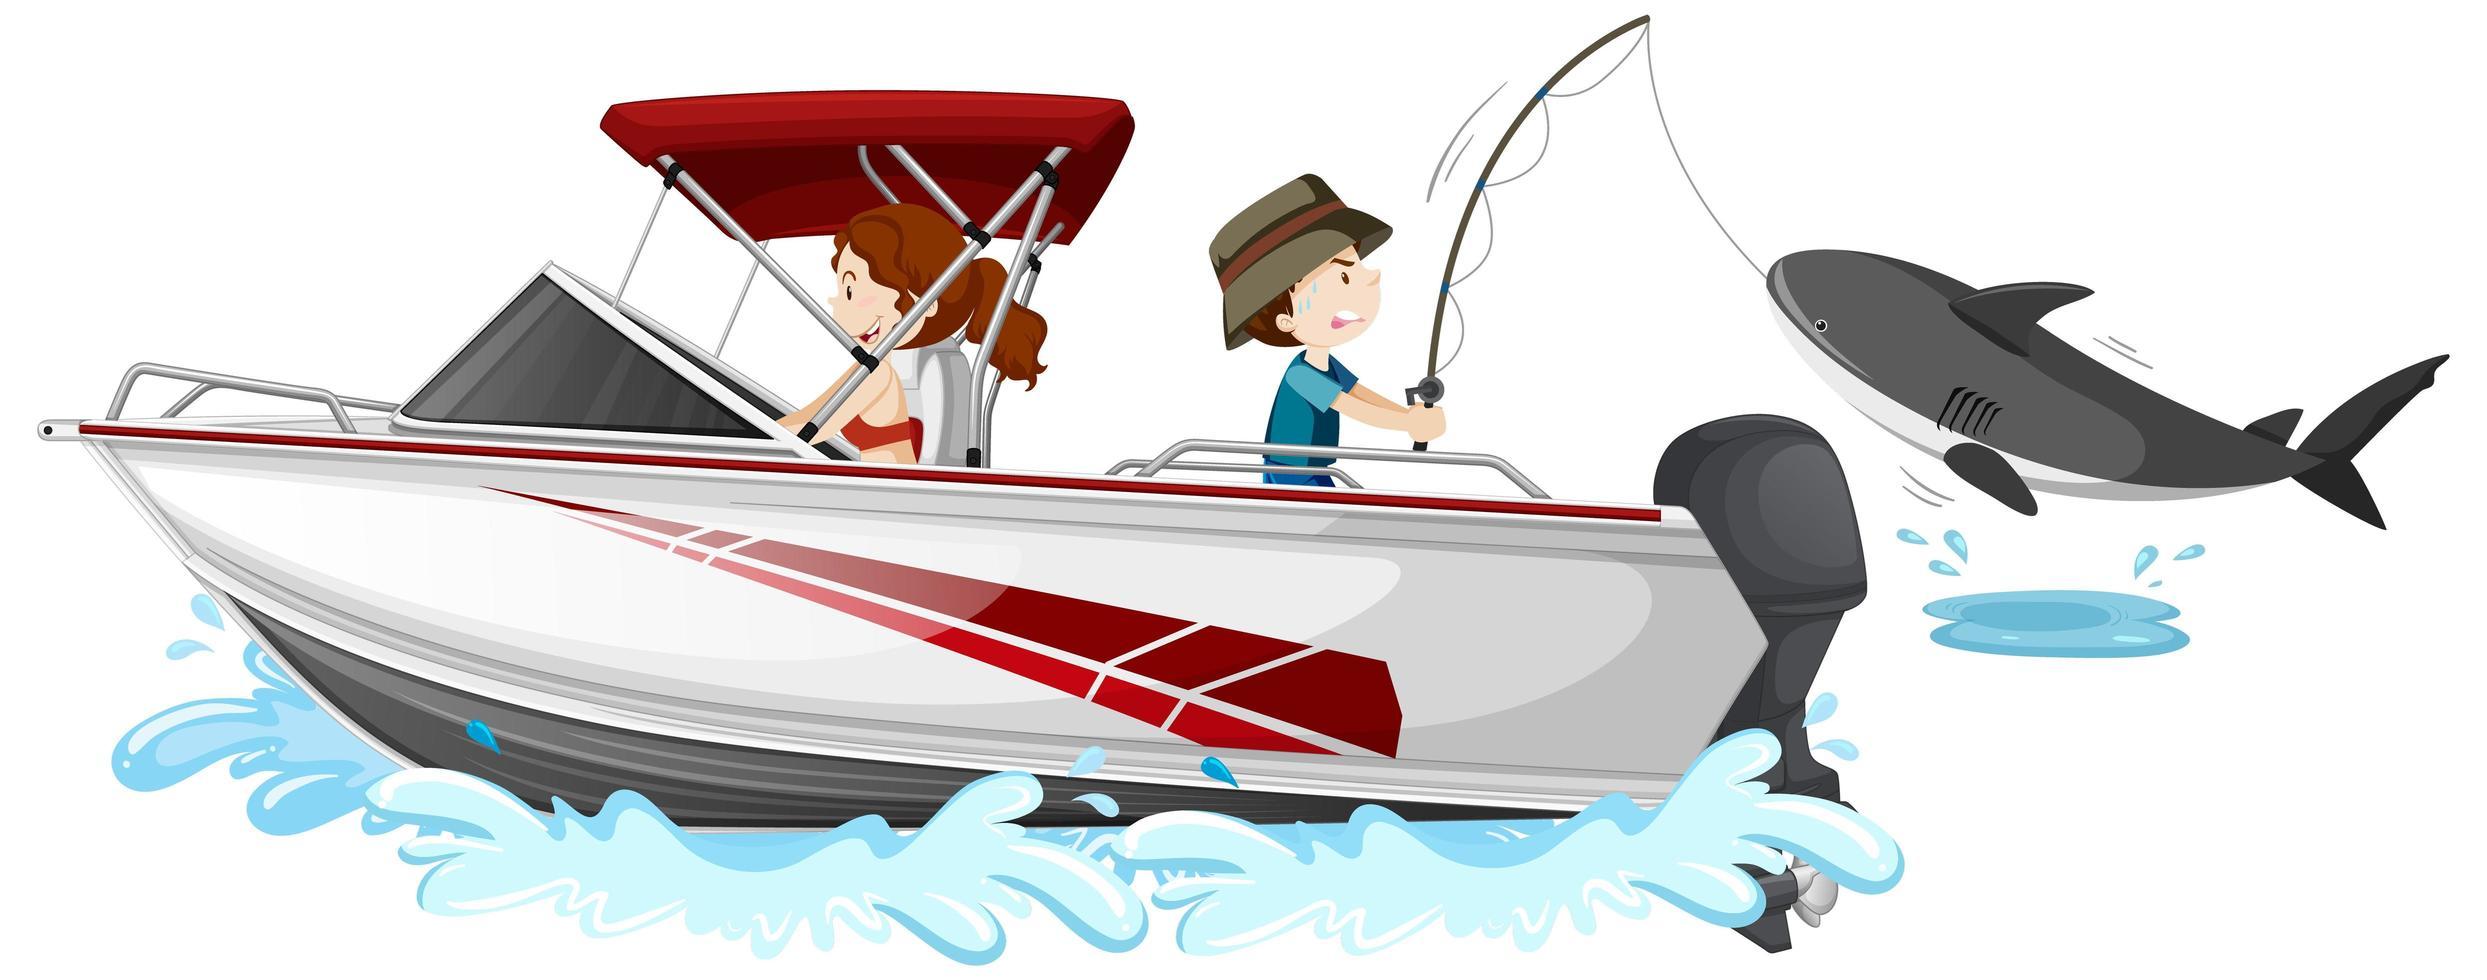 Los niños pescando en lancha rápida sobre fondo blanco. vector